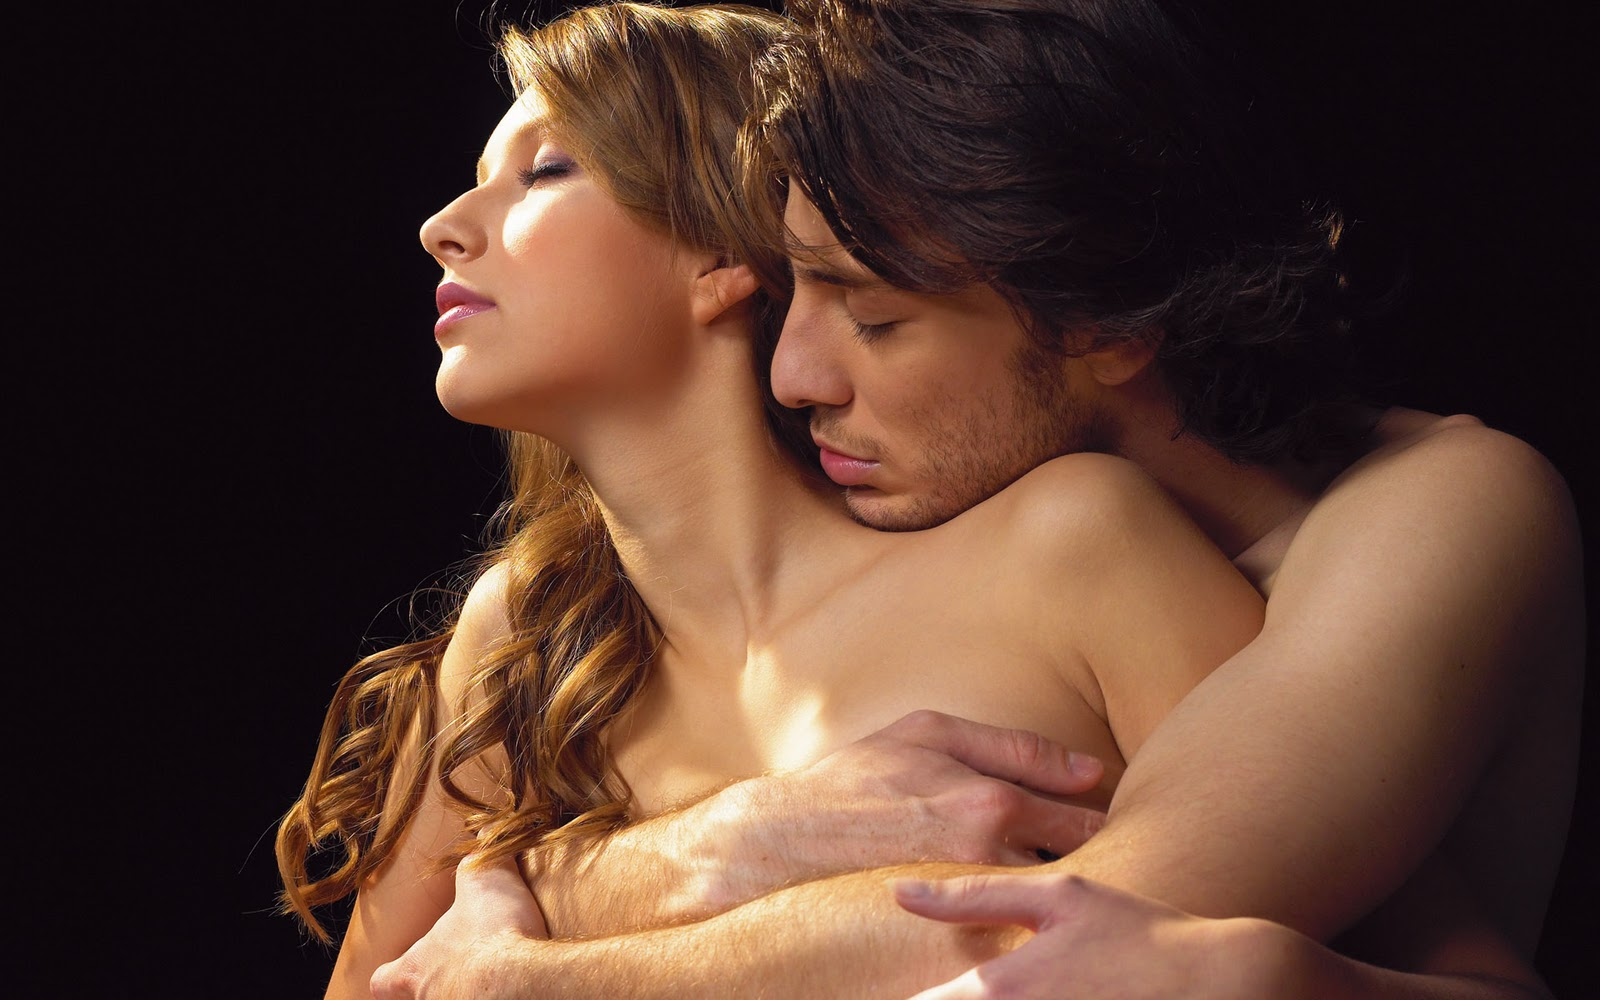 http://3.bp.blogspot.com/-Xac88wLzCEk/Twf5swoe8aI/AAAAAAAACsY/uI_n9Iywjlk/s1600/Couples_23.jpg